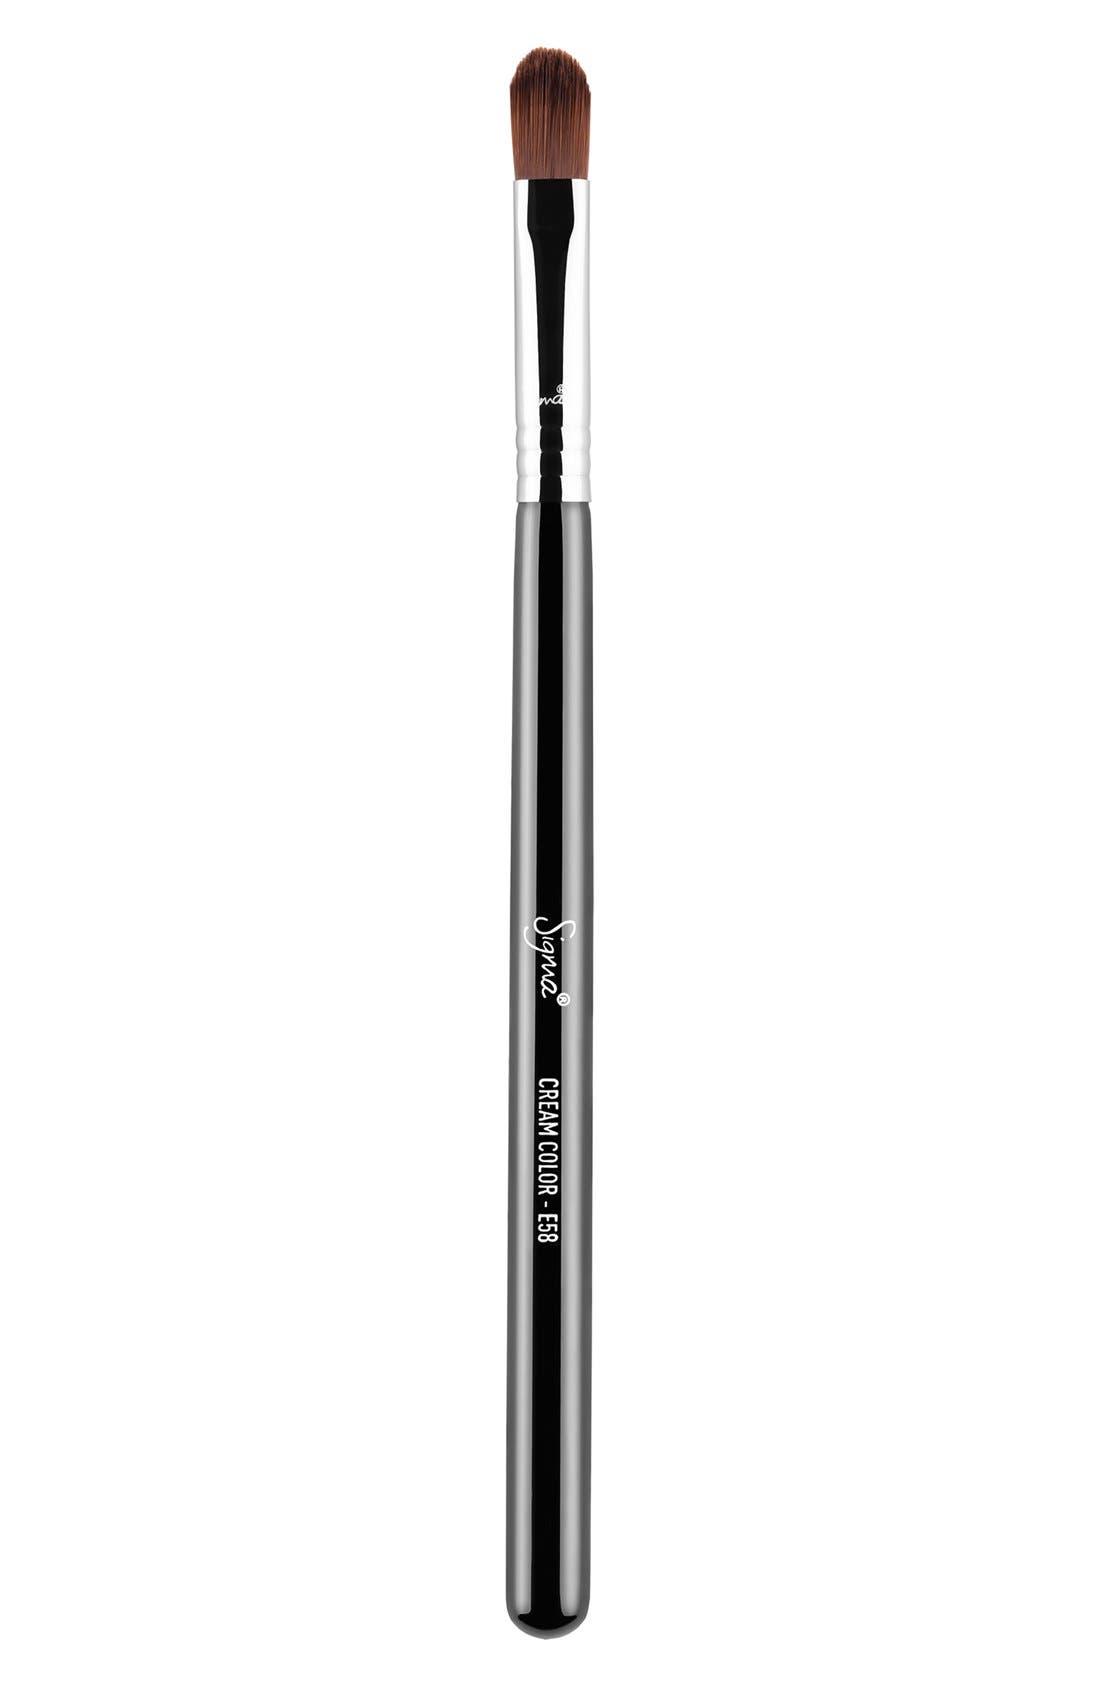 E58 Cream Color Brush,                             Main thumbnail 1, color,                             NO COLOR